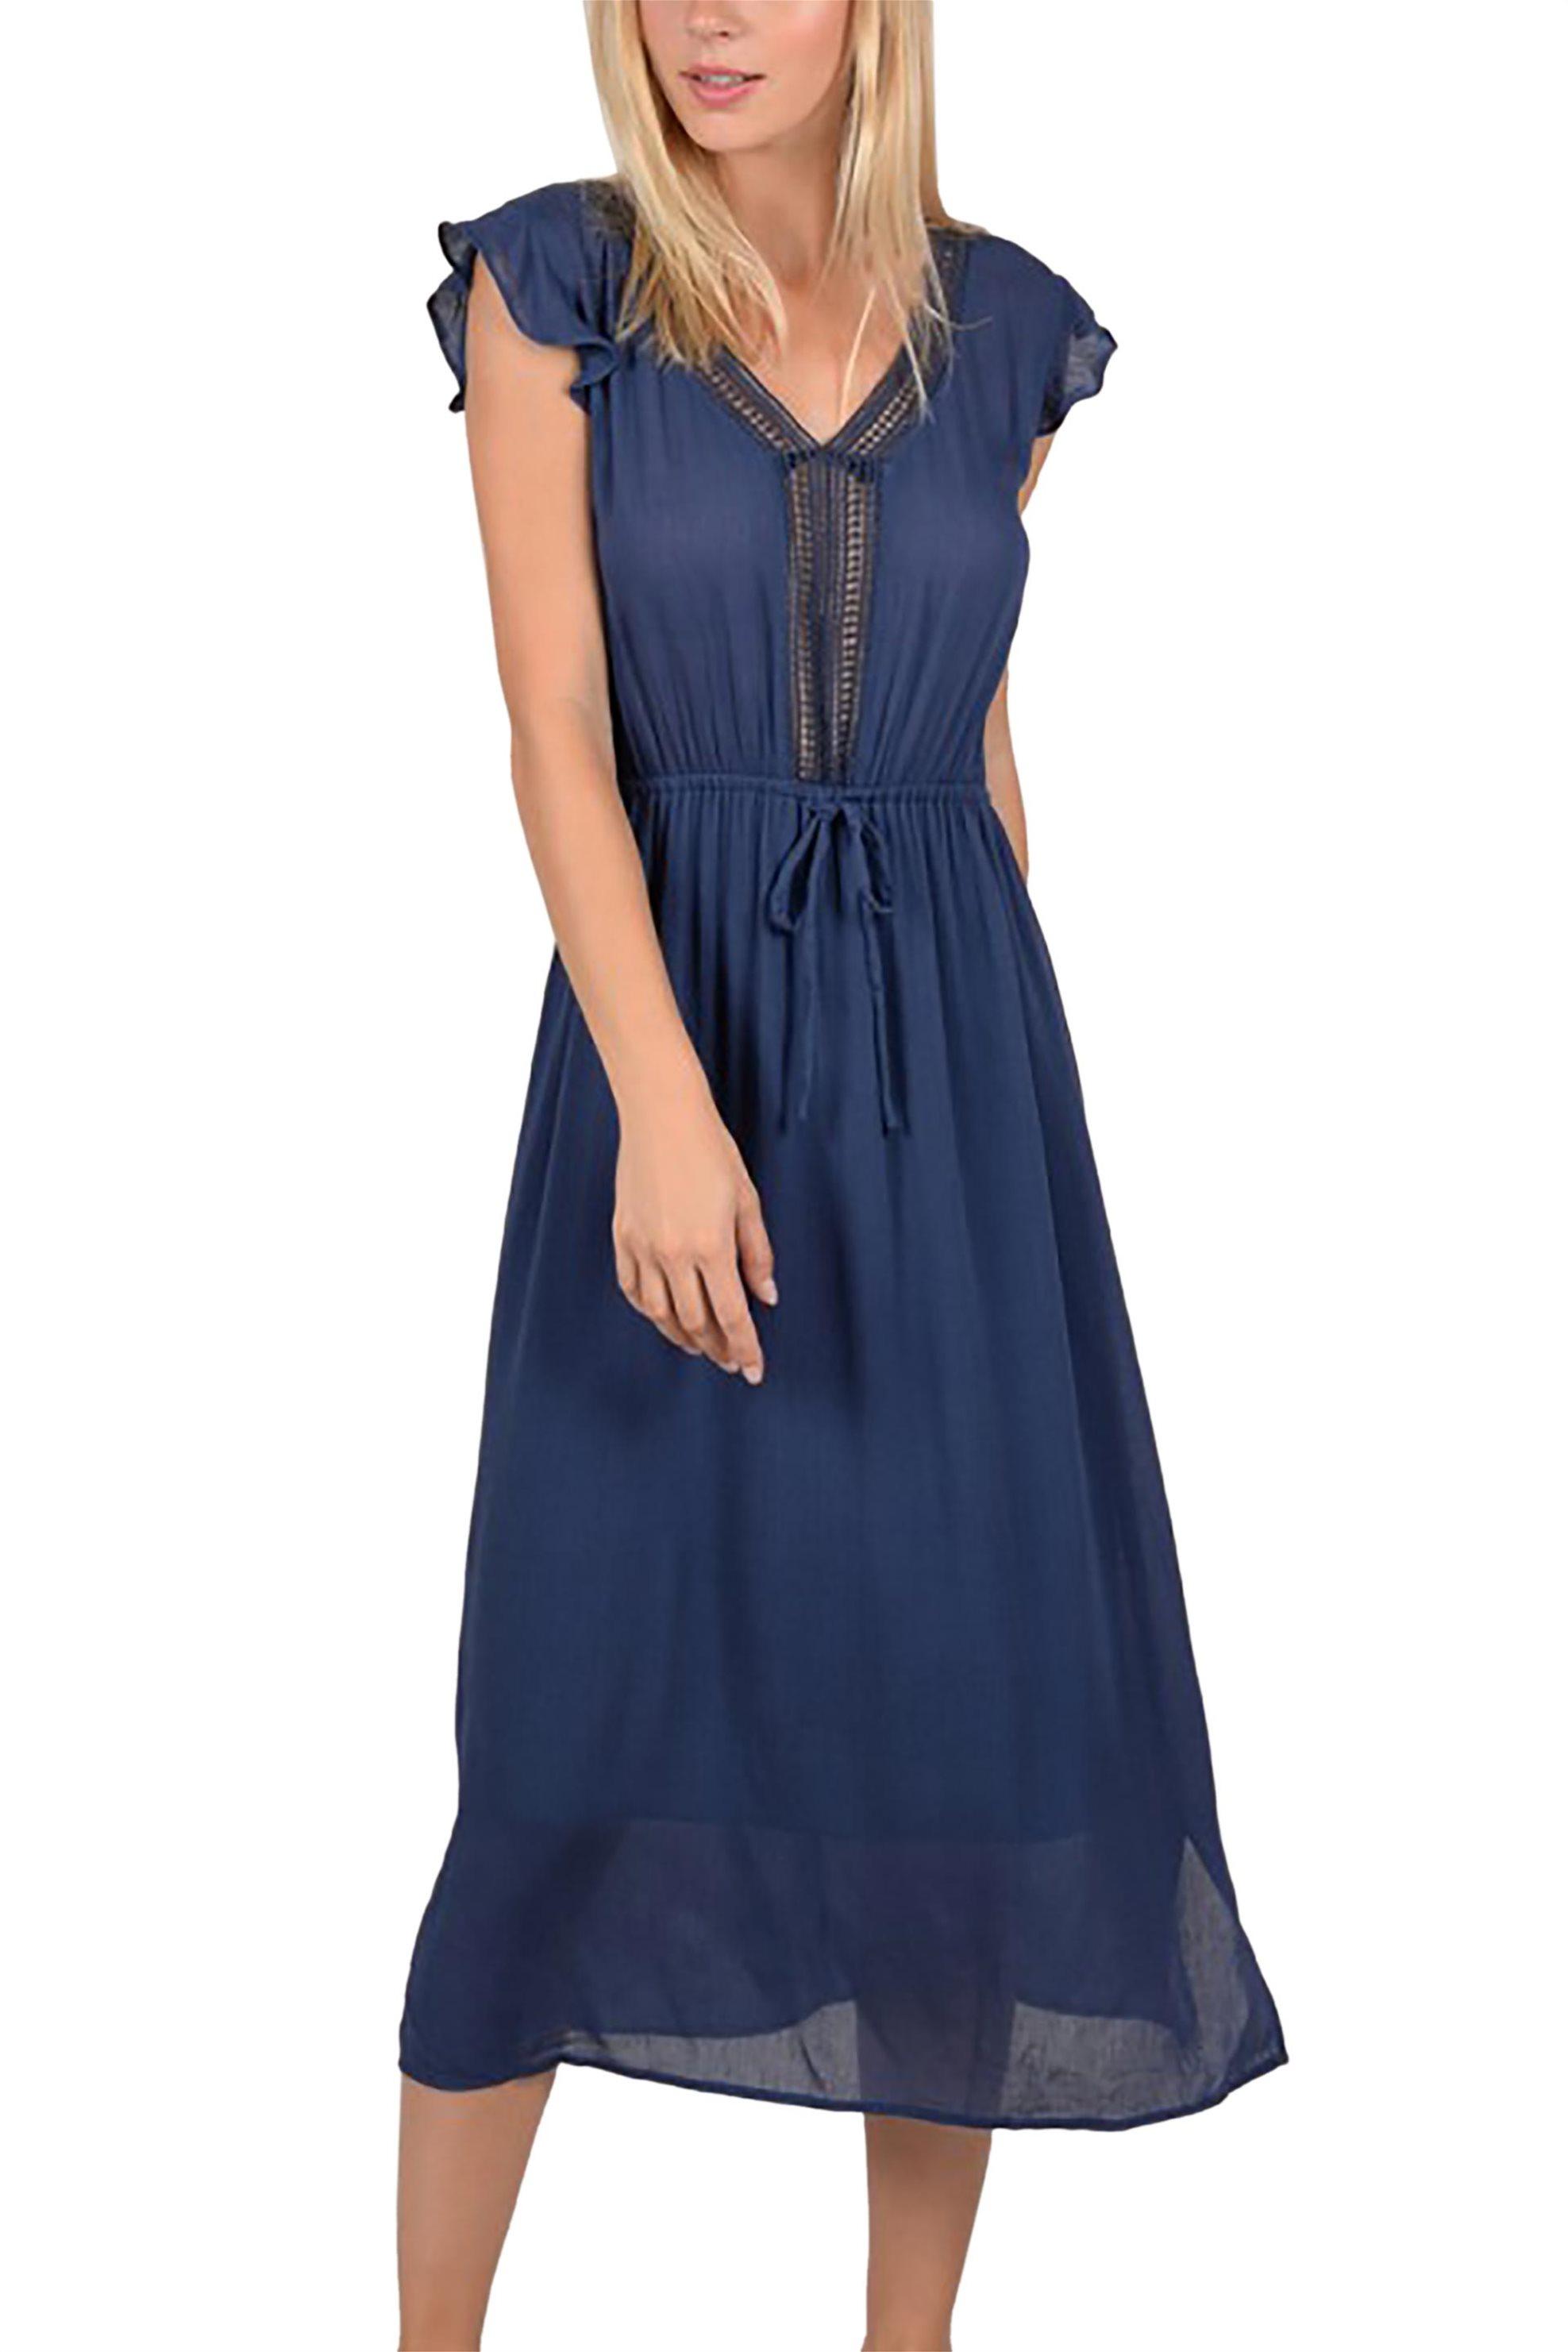 Molly Bracken γυναικείo midi φόρεμα με πλεκτή λεπτομέρεια - S19MB-T189 - Μπλε Σκ γυναικα   ρουχα   φορέματα   midi φορέματα